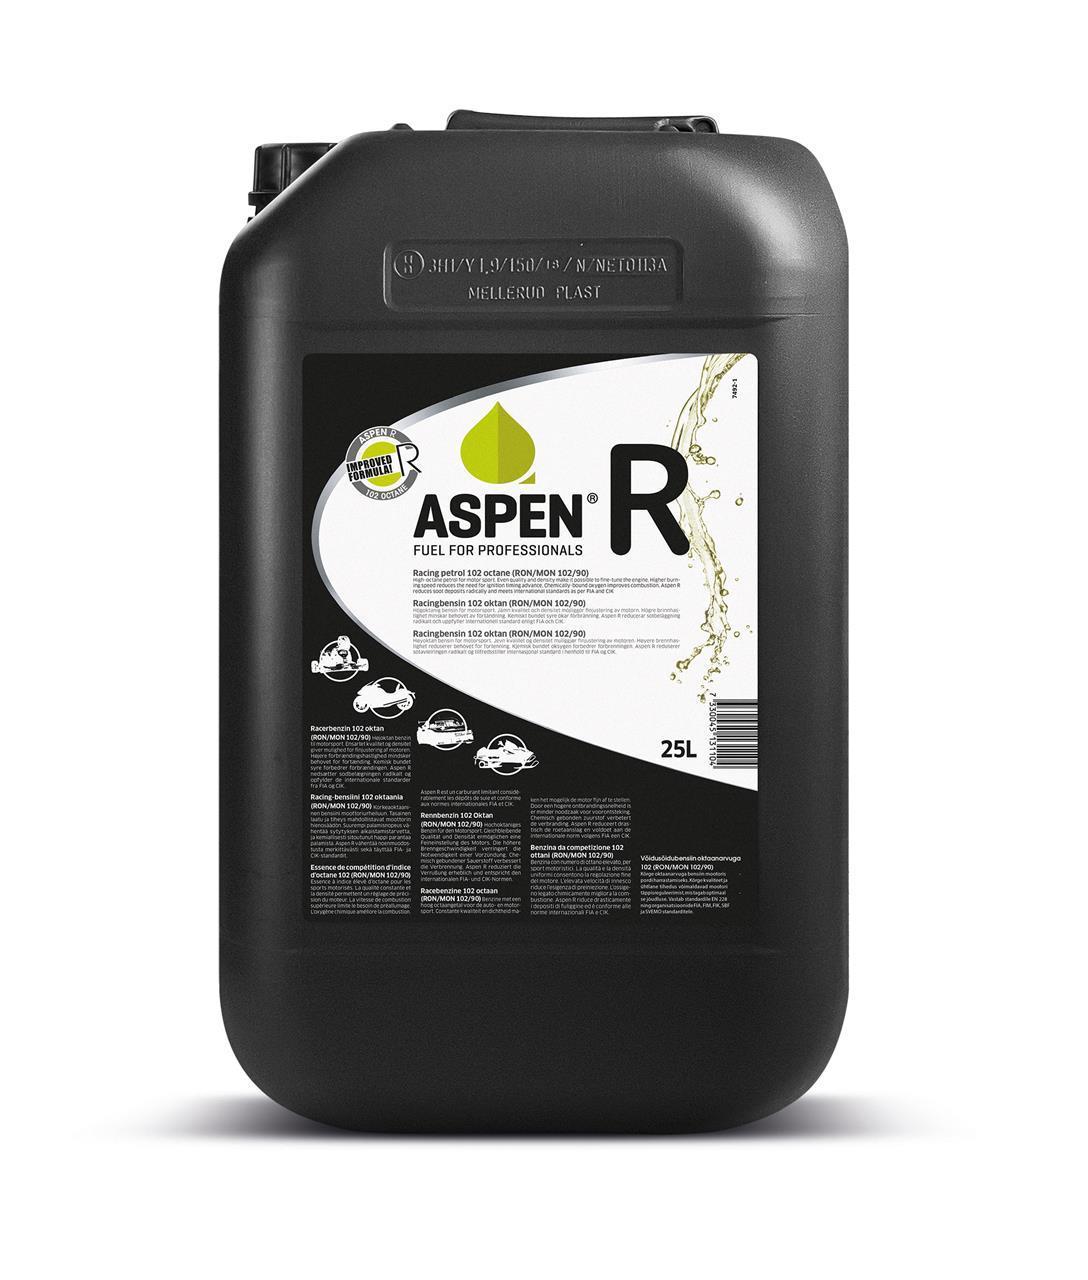 ASPEN R, 25L (VAIN NOUTOMYYNTI)